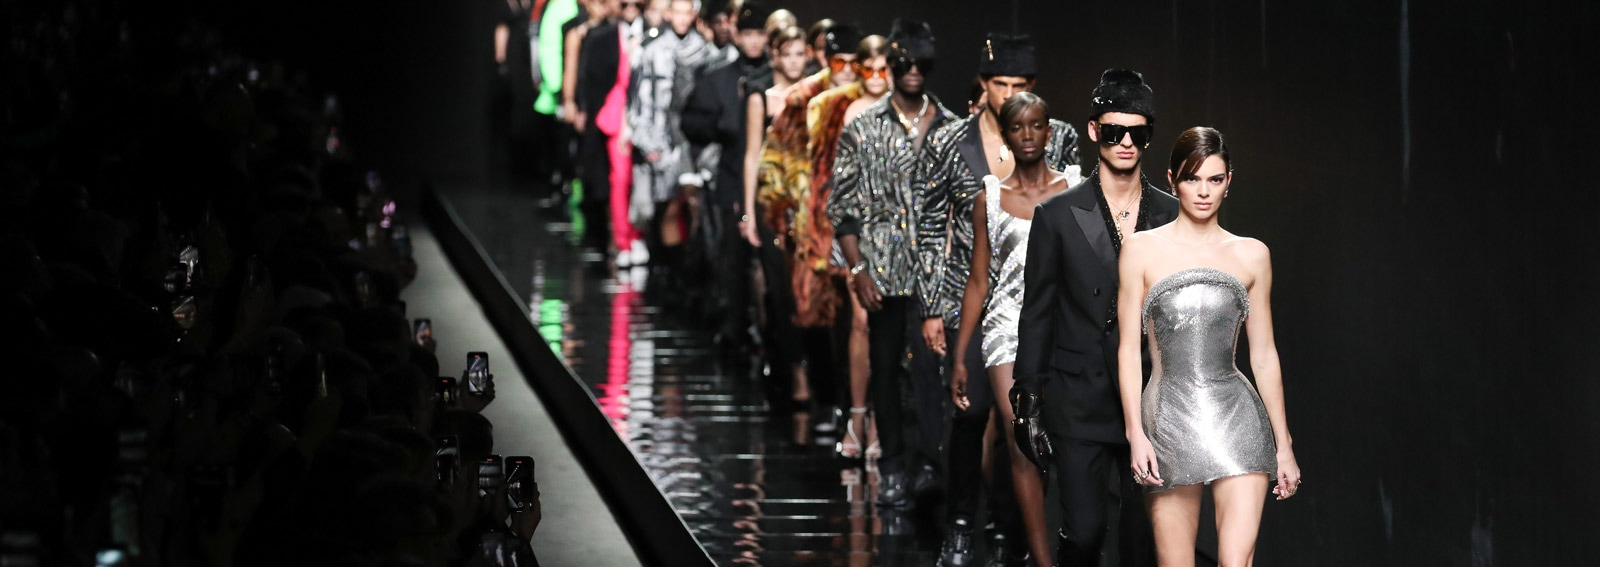 _Settimana della Moda Milano AI 2020